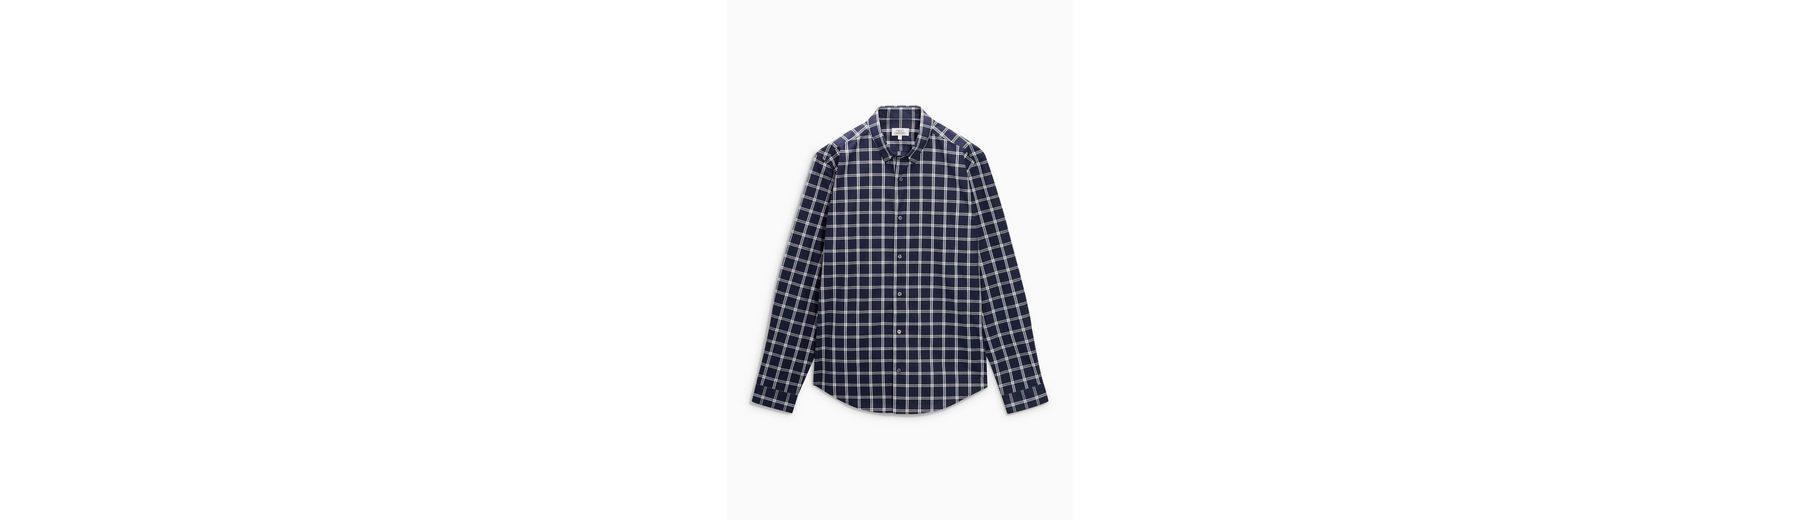 Next Elegantes Langarmhemd mit Karomuster Spielraum Mode-Stil Fabrikpreis Verkauf Perfekt Verkauf Großer Diskont eznaKH